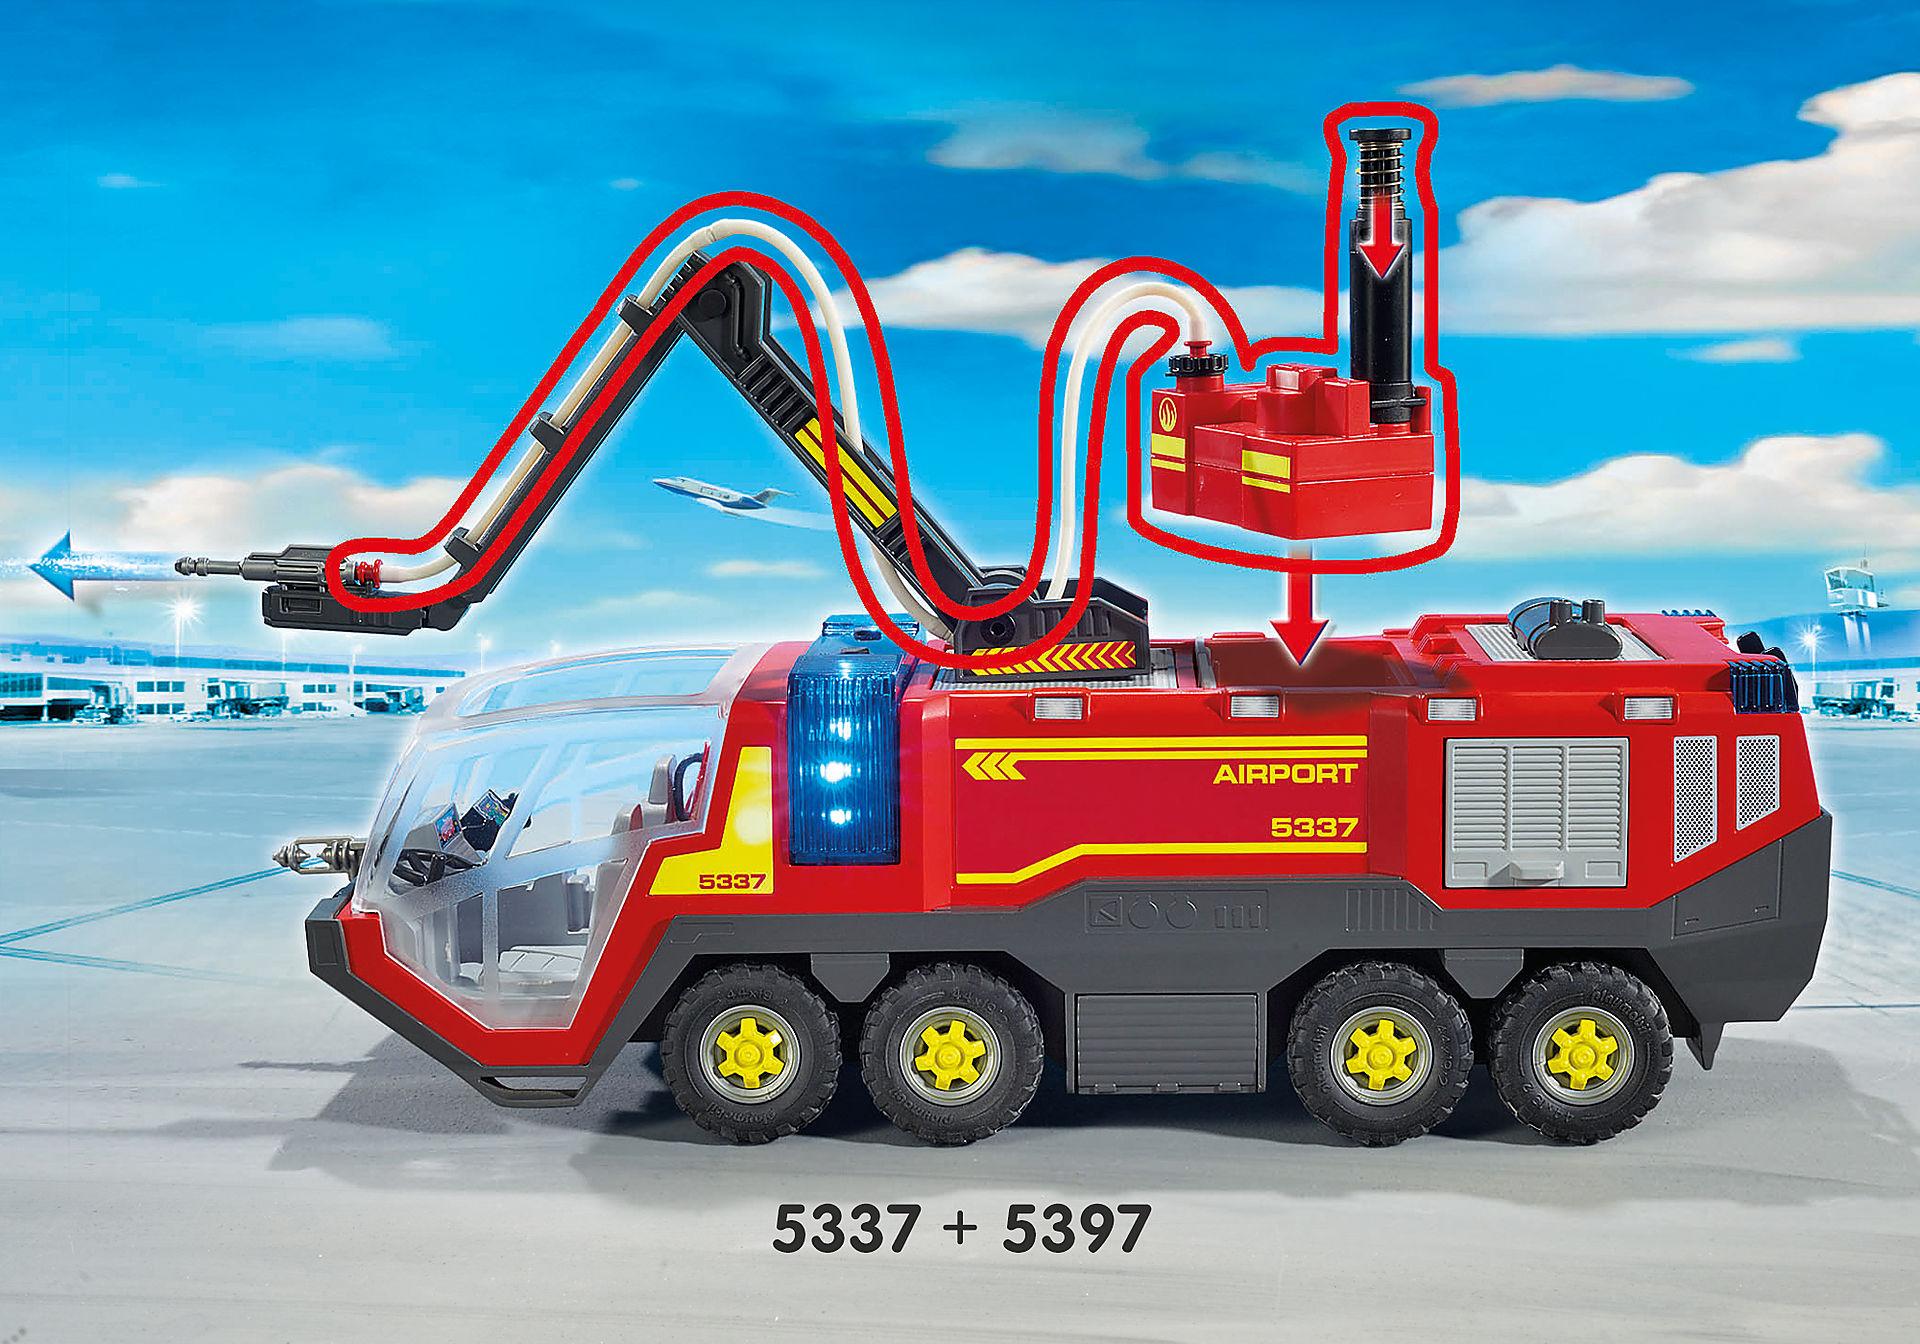 5337 Pompiers avec véhicule aéroportuaire zoom image9